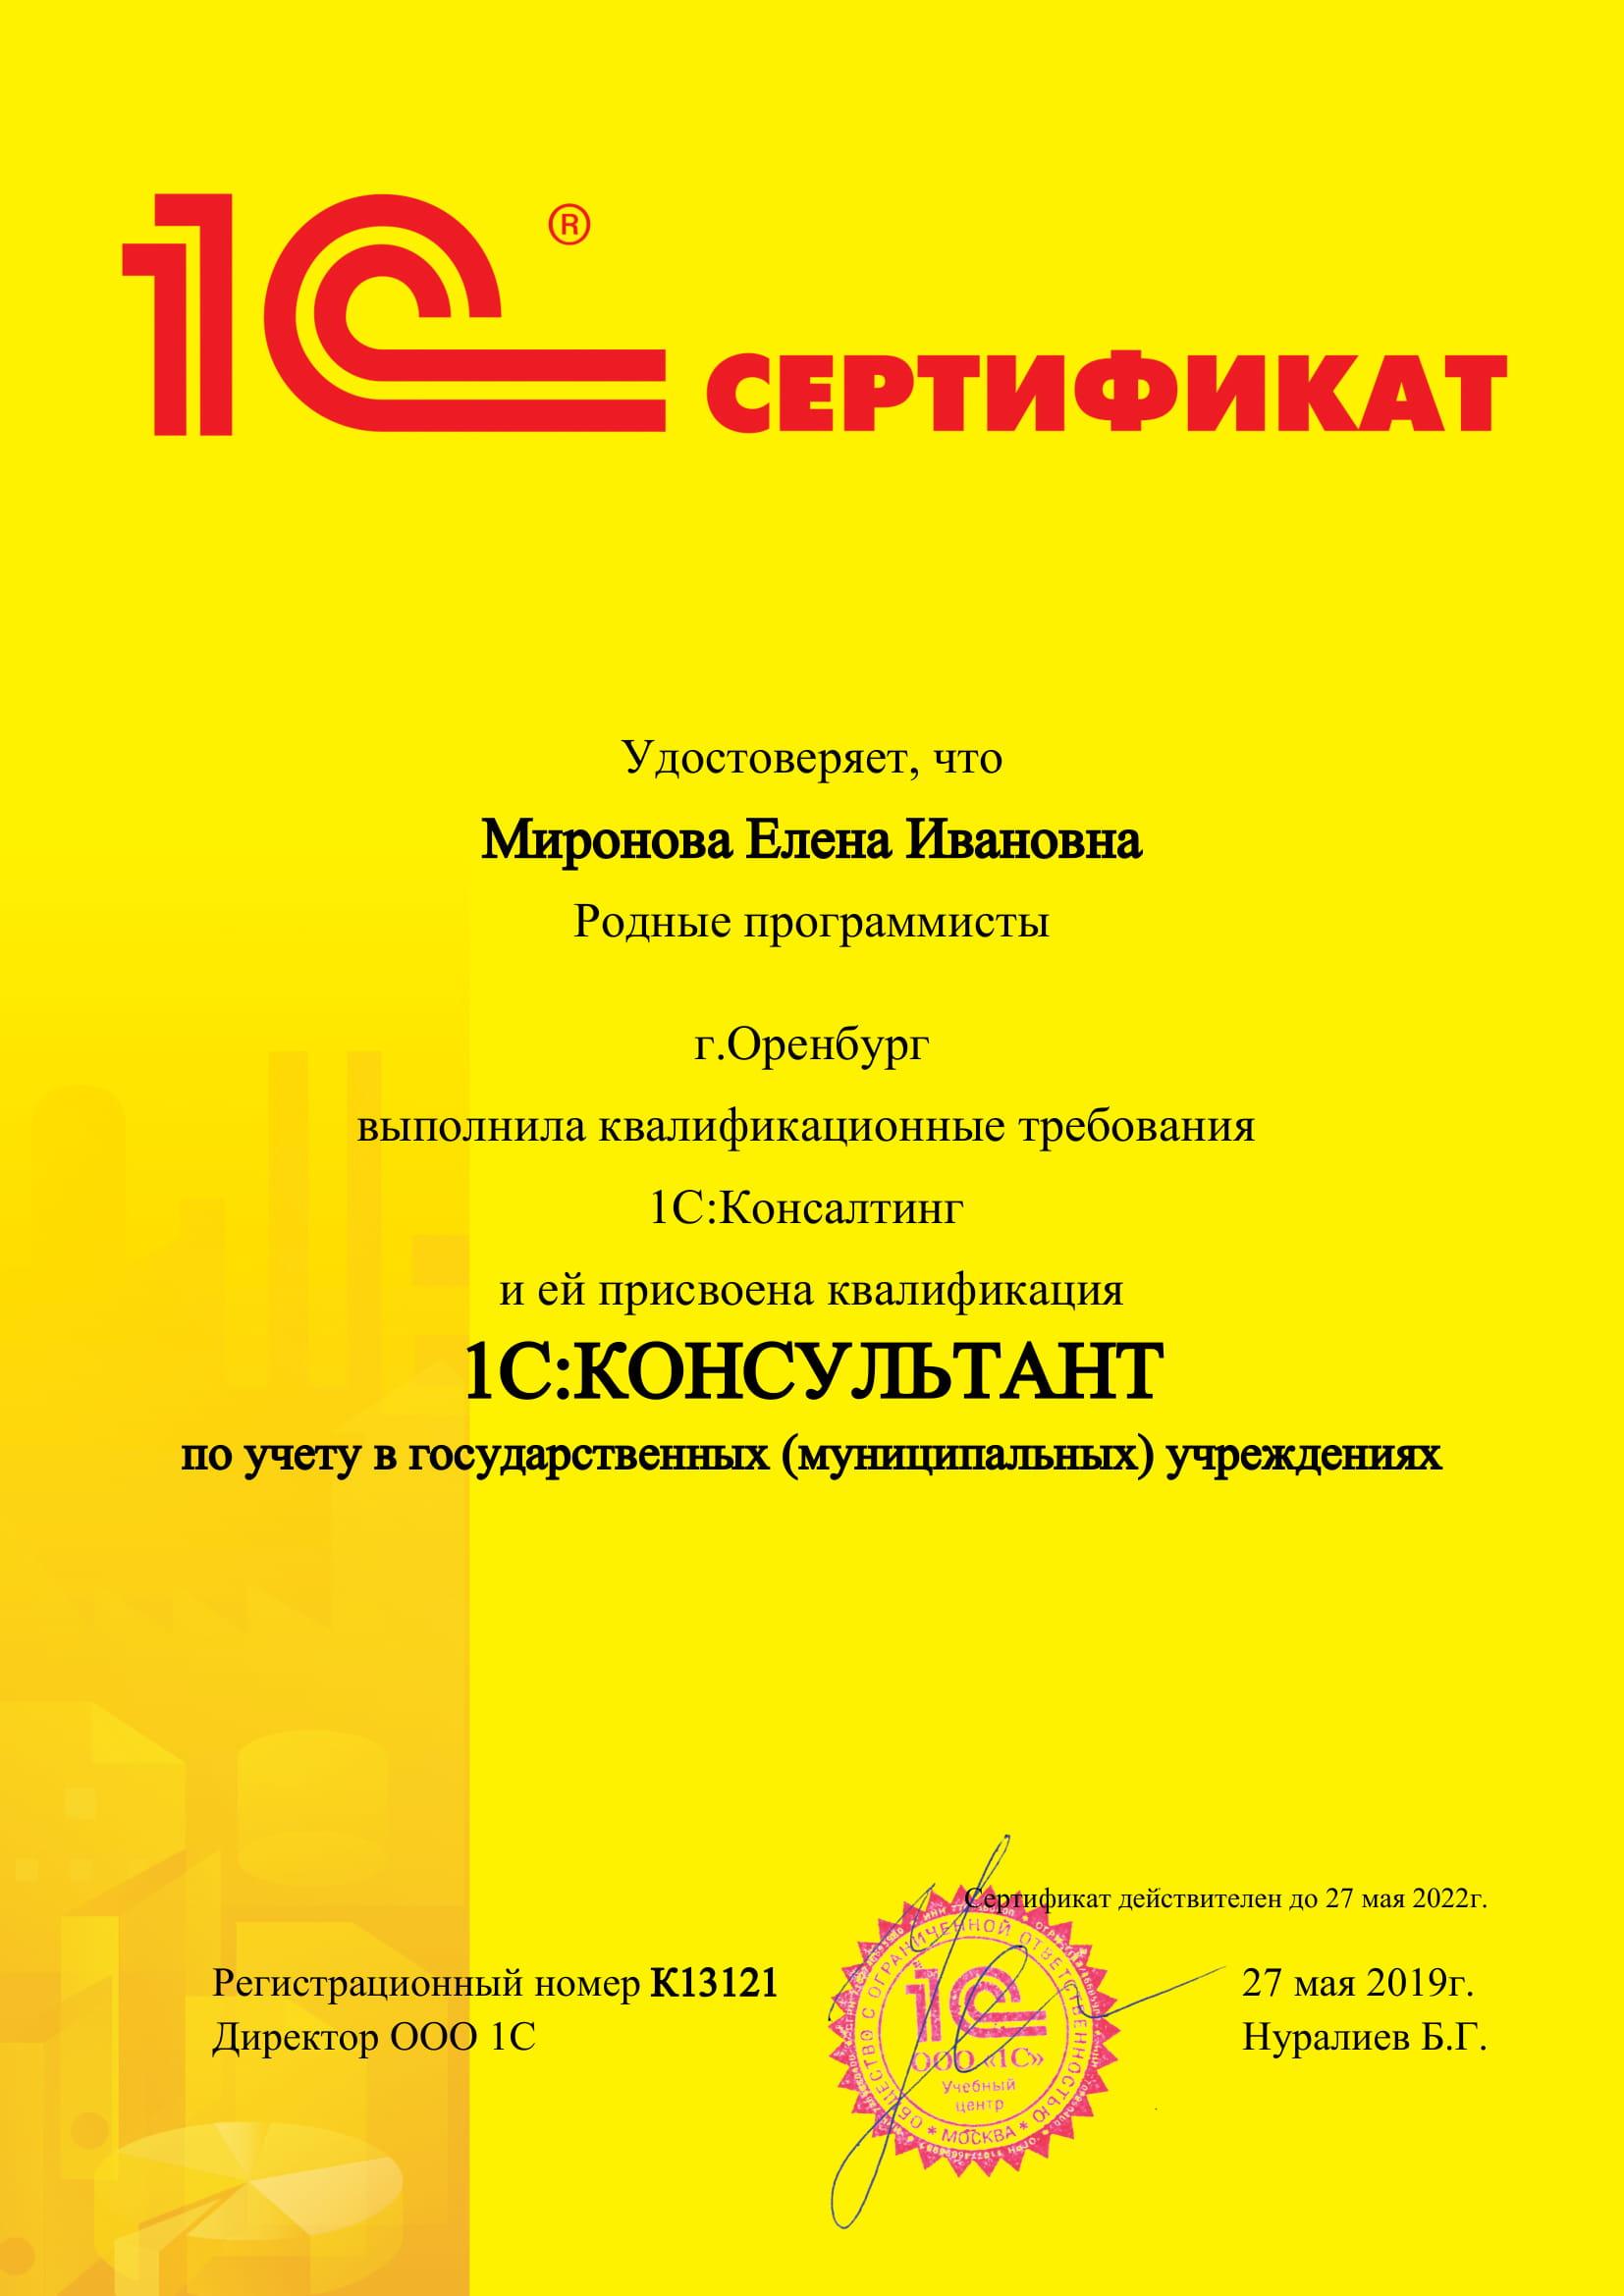 Миронова Елена - консультант по учету в гос учреждениях-1